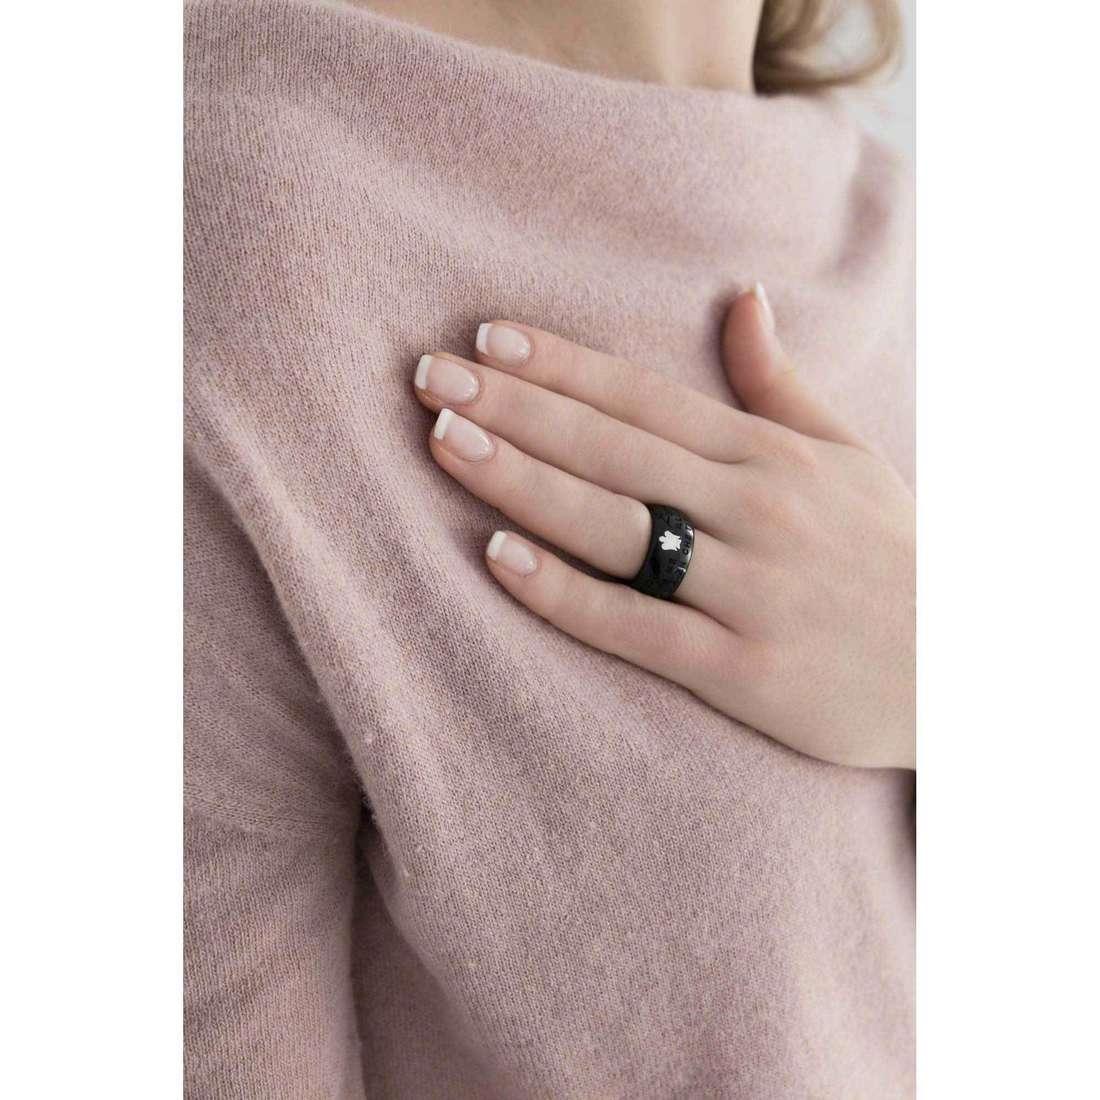 Giannotti anelli Chiama Angeli donna REN-12 indosso